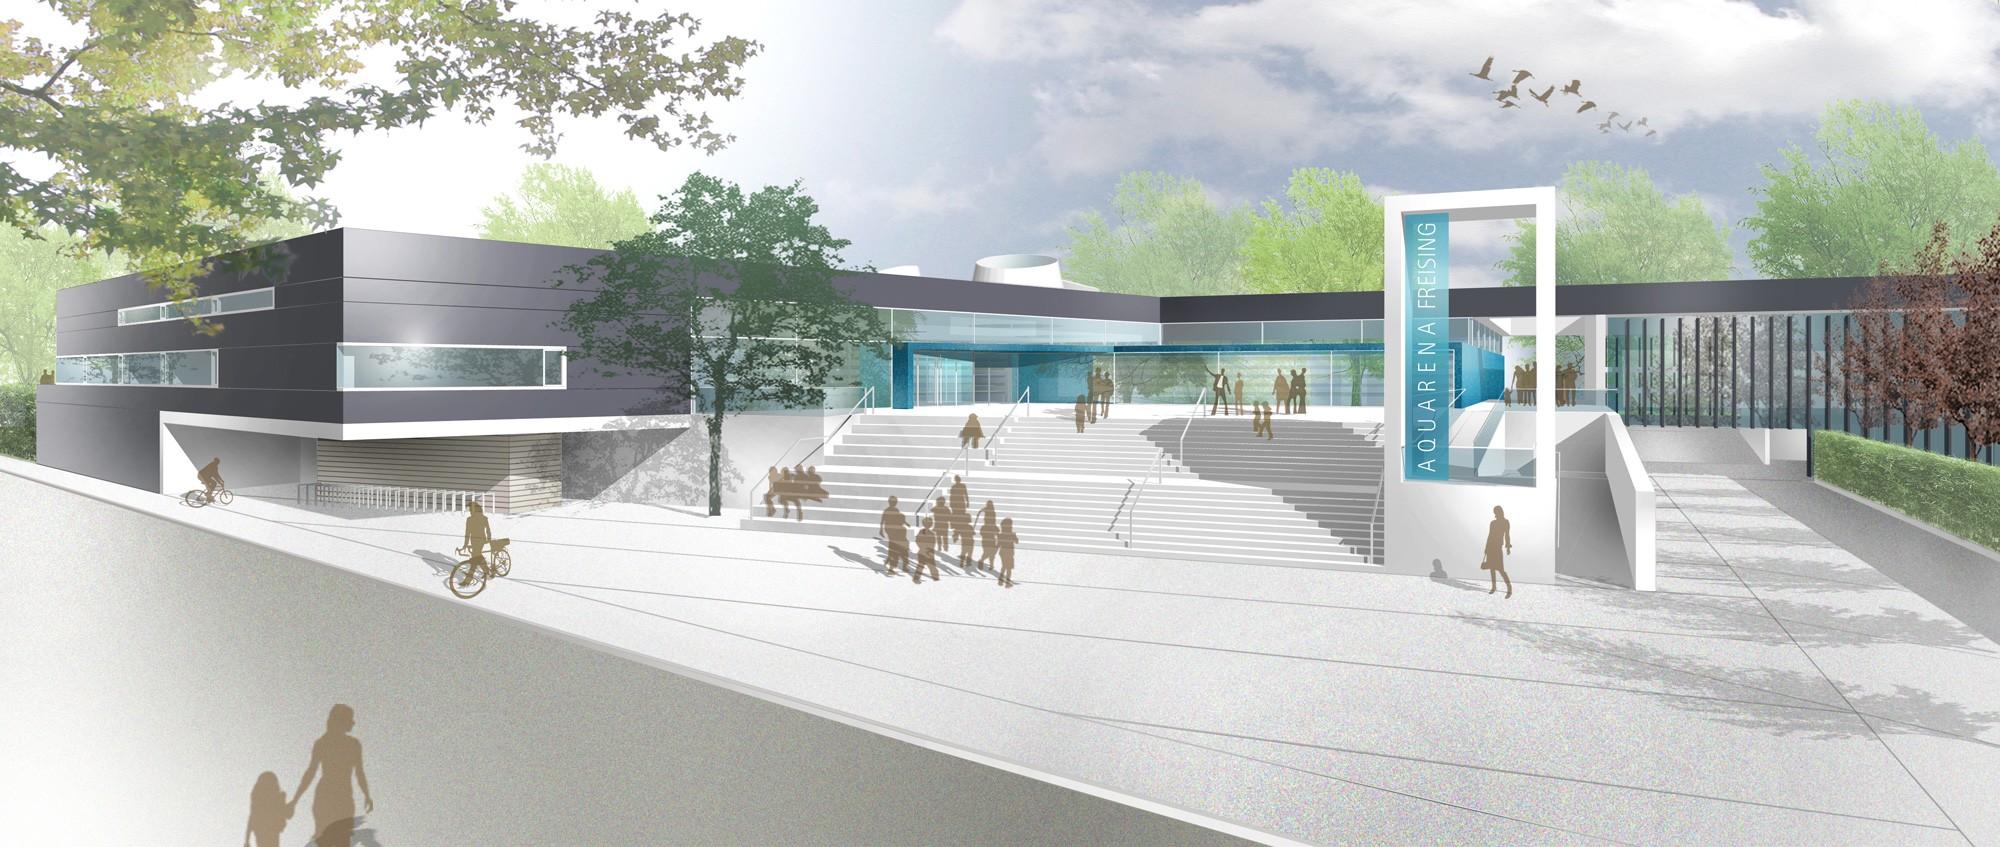 Architekten Heilbronn sport und freizeitbad freising muenchenarchitektur